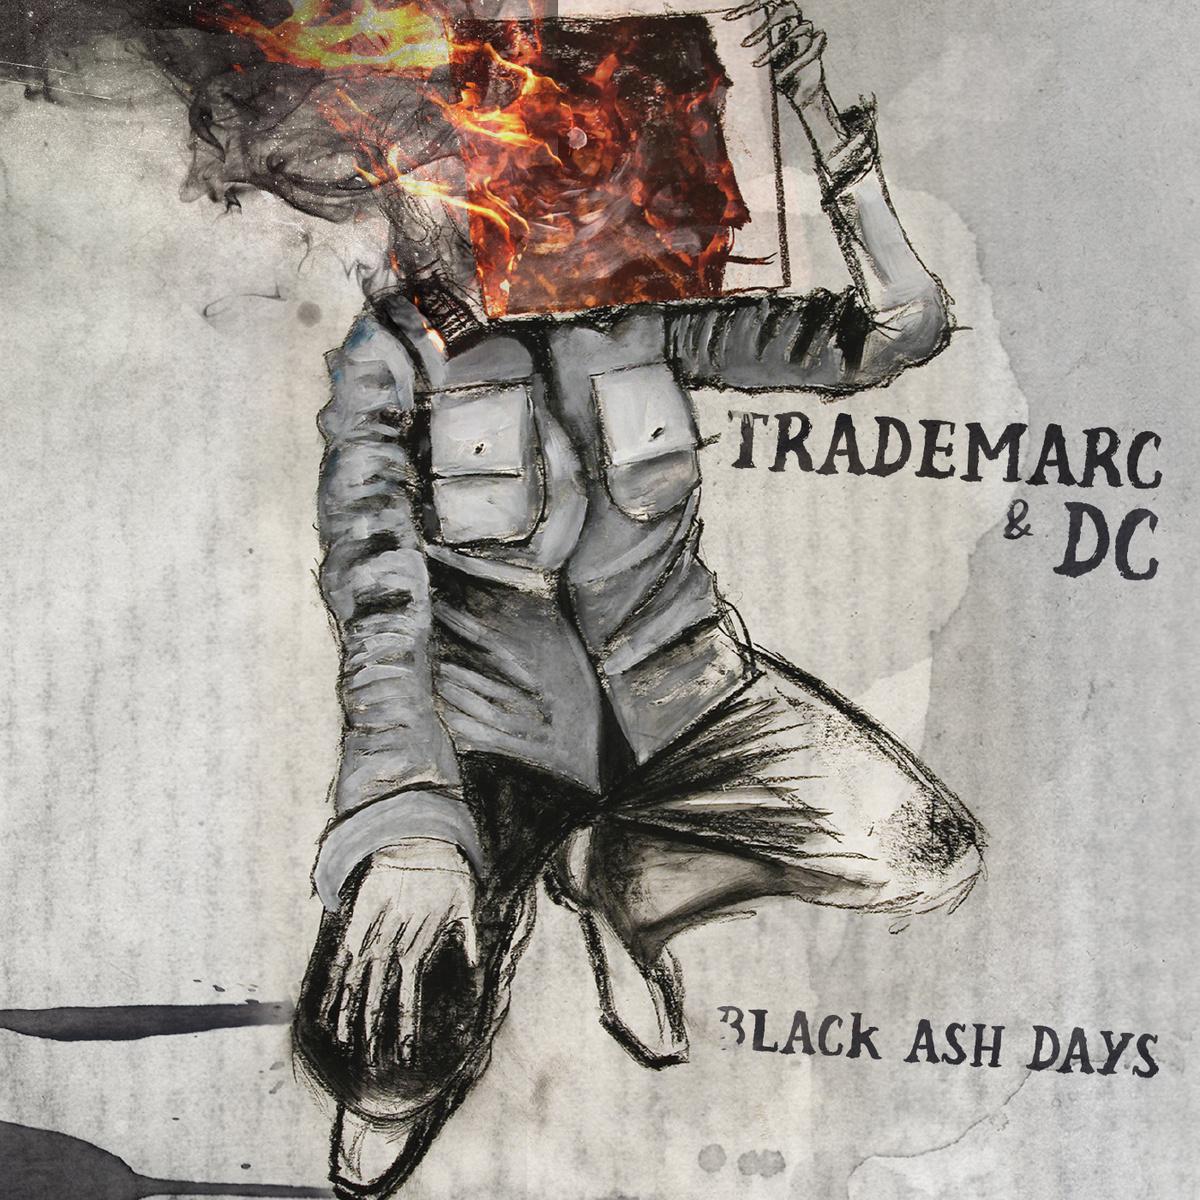 Trademarc___dc_presentan_black_ash_days